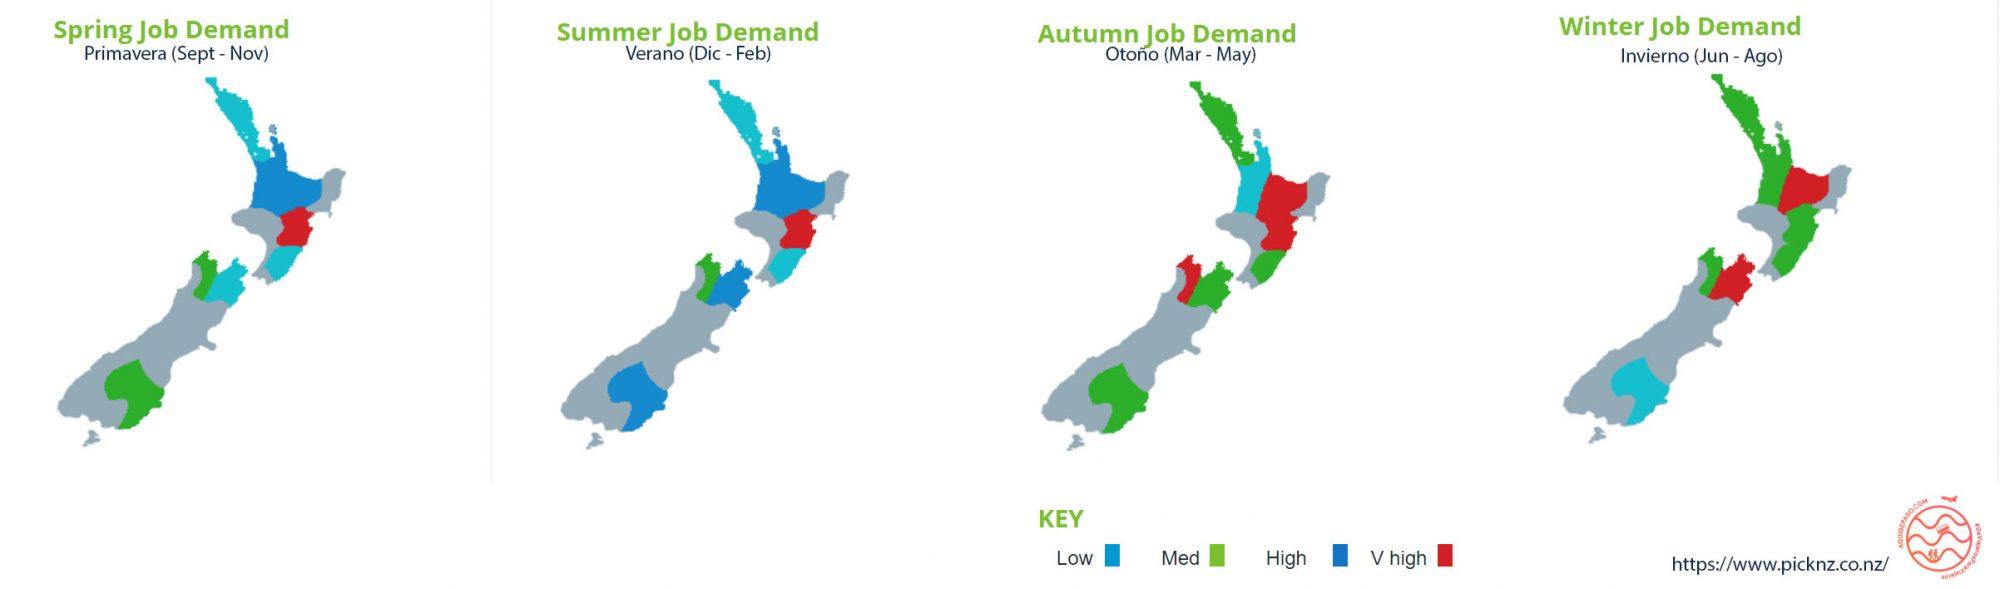 trabajo de temporadas en NZ